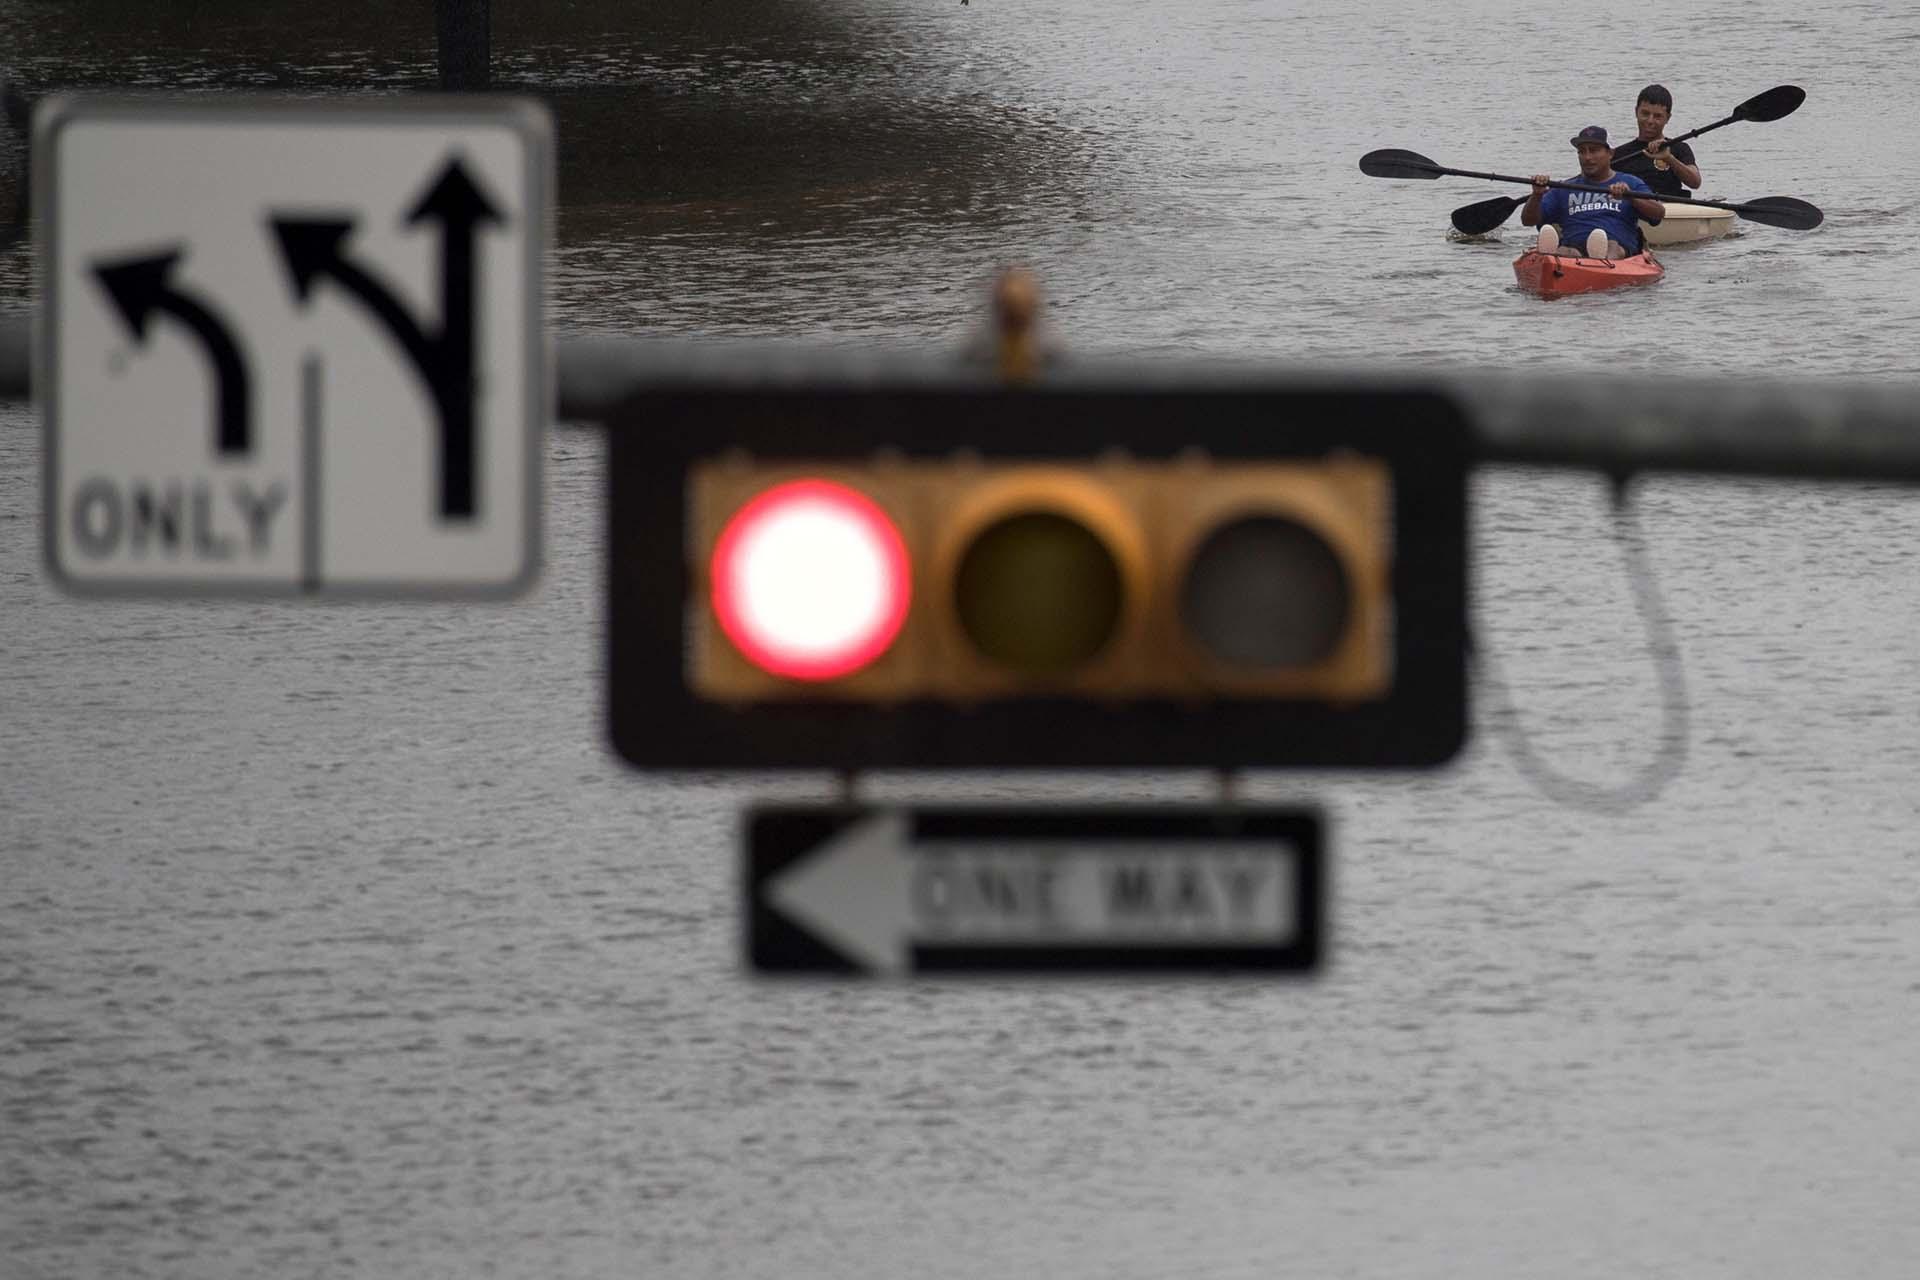 Dos hombres transitan una calle en kayak(REUTERS)